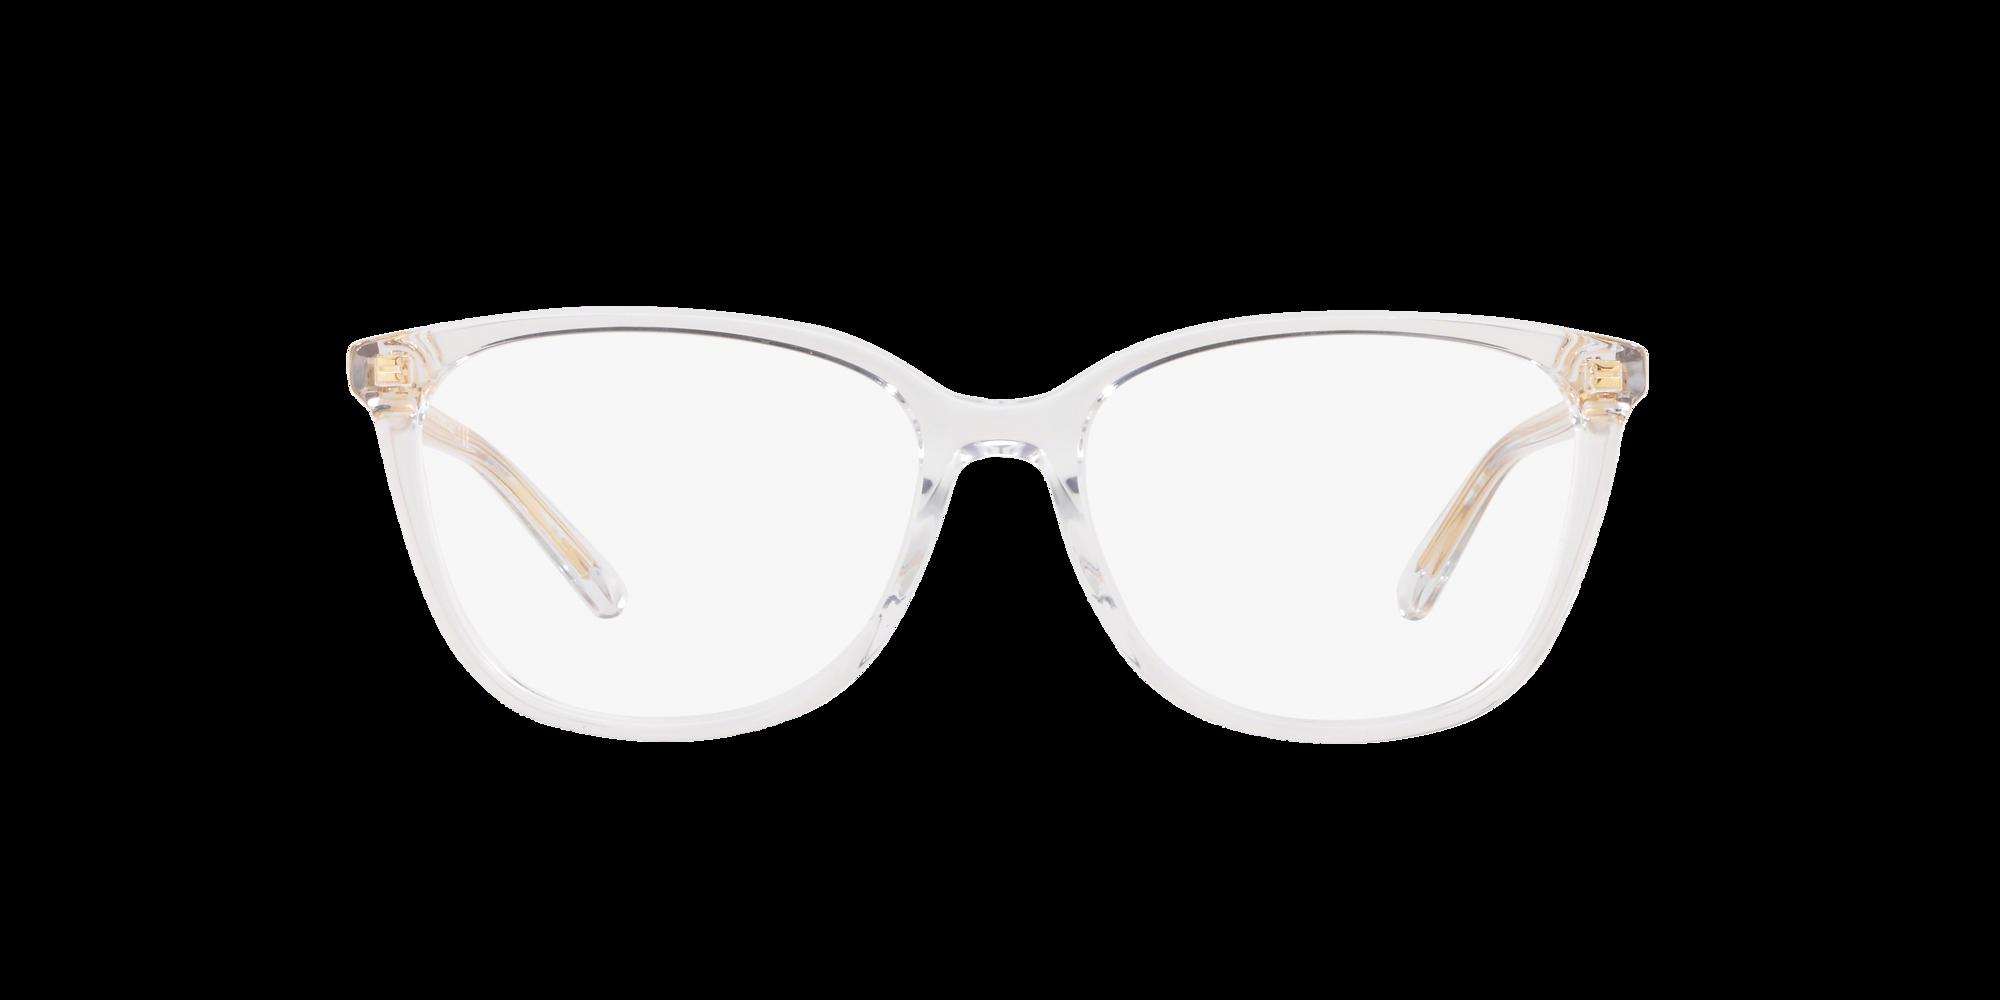 Imagen para MK4067U SANTA CLARA de LensCrafters |  Espejuelos, espejuelos graduados en línea, gafas